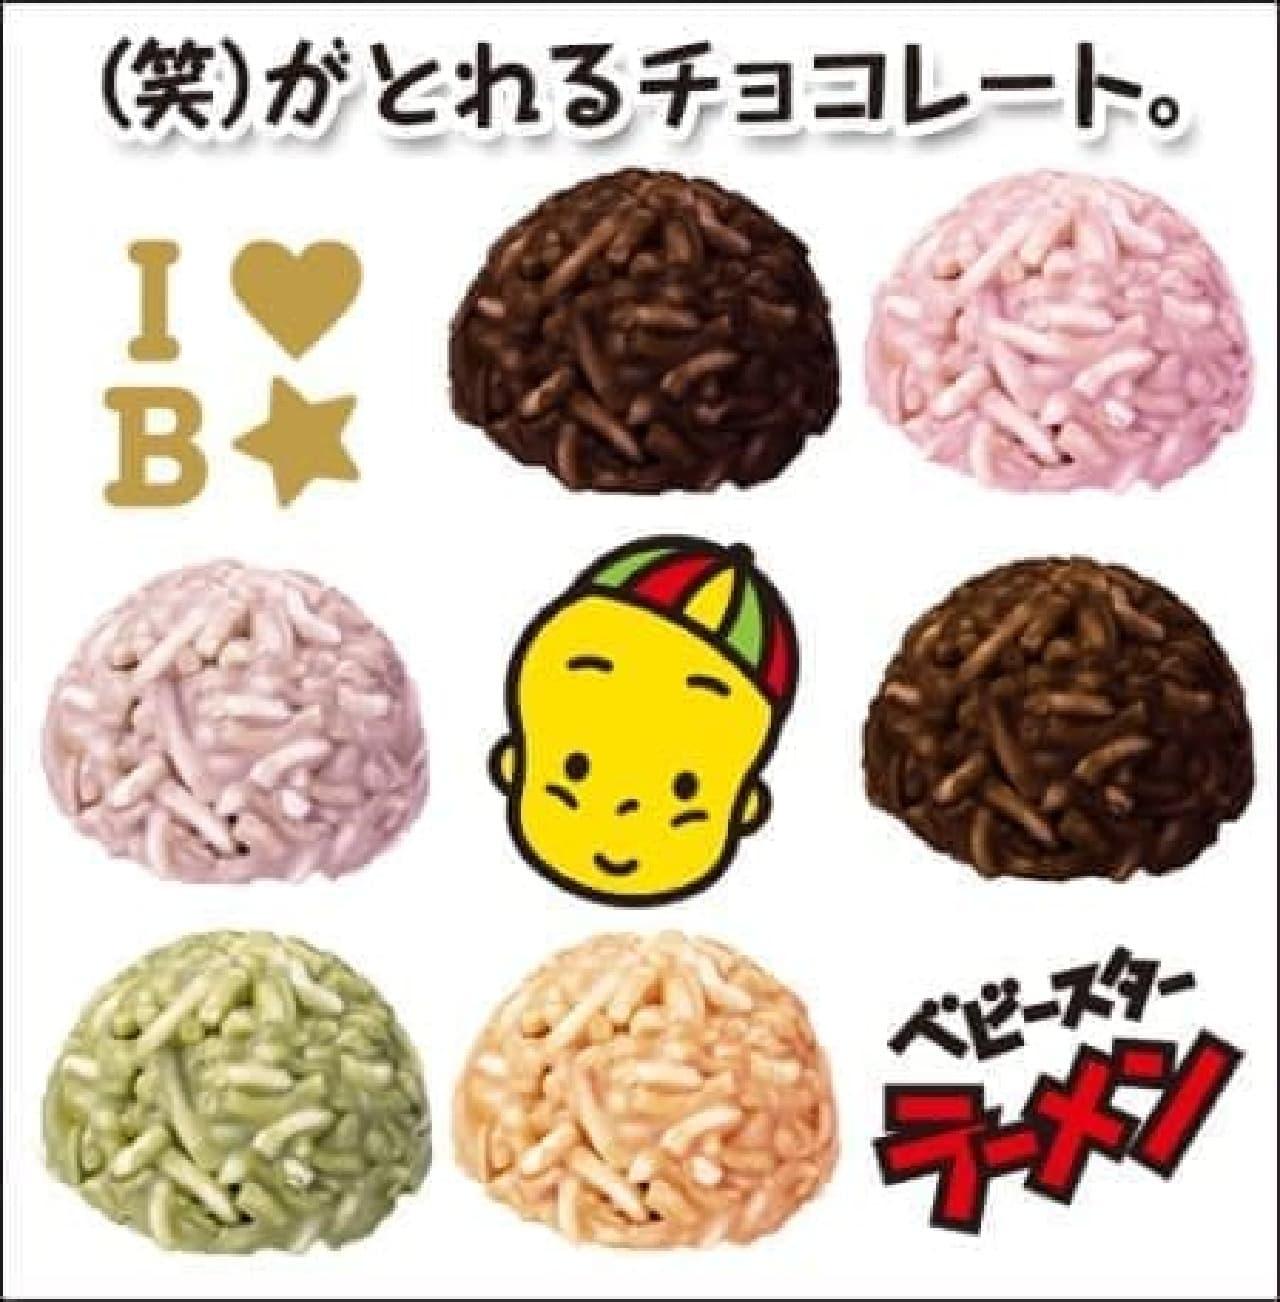 """""""笑いがとれる""""チョコレート!?  (出典:大丸東京店 公式サイト)"""